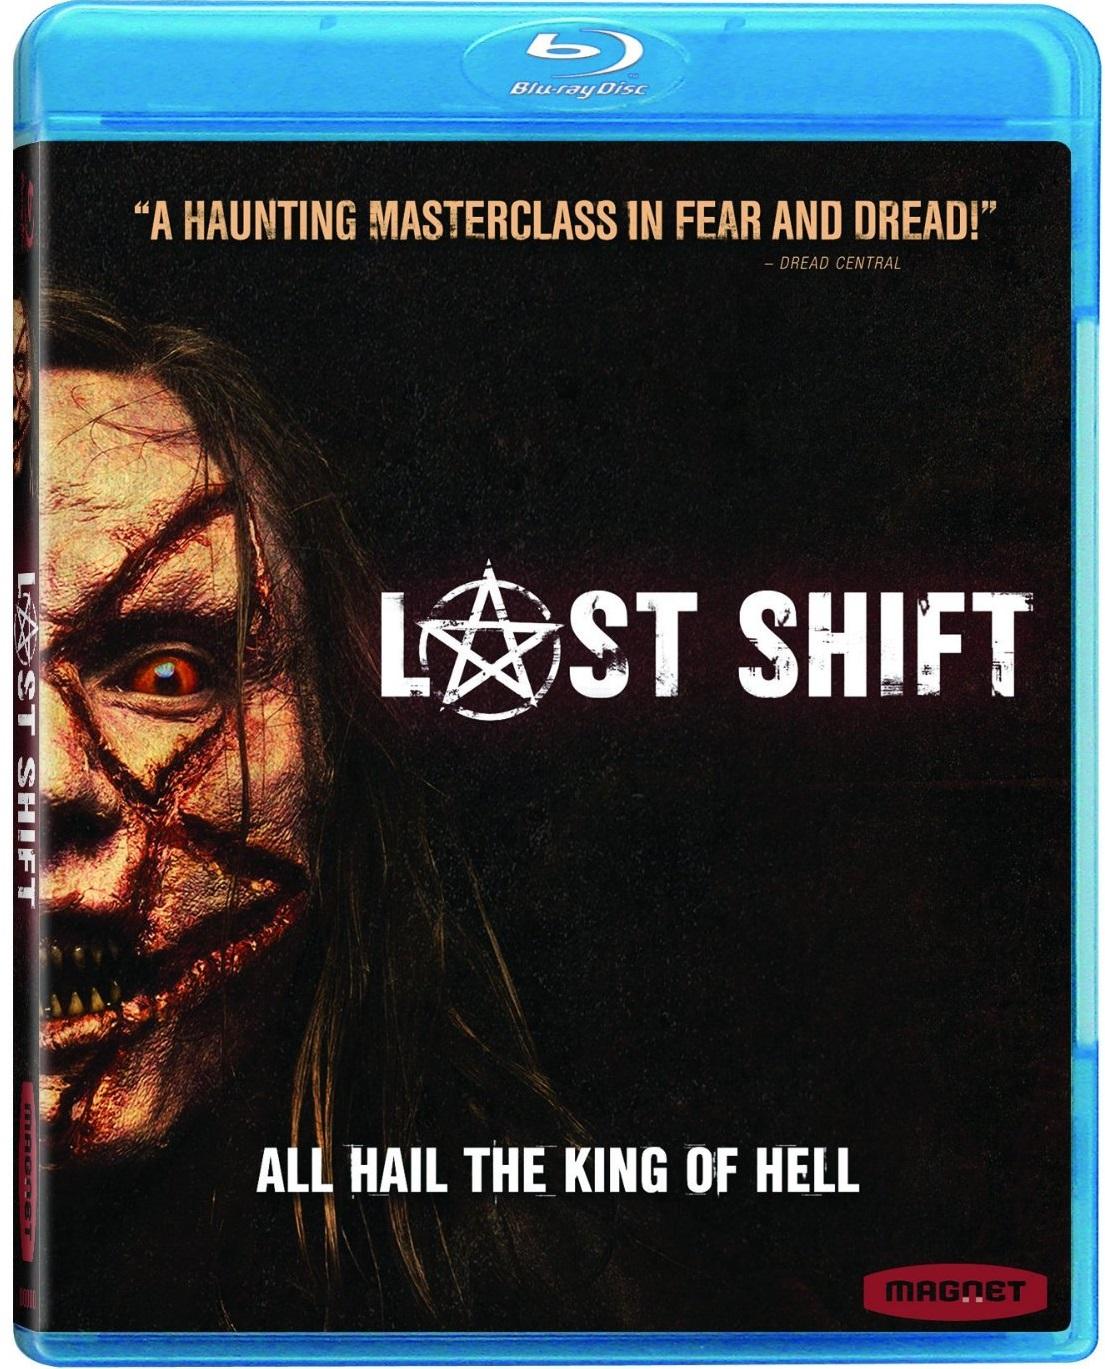 Last Shift (2014) 1080p BD25 Cover Caratula